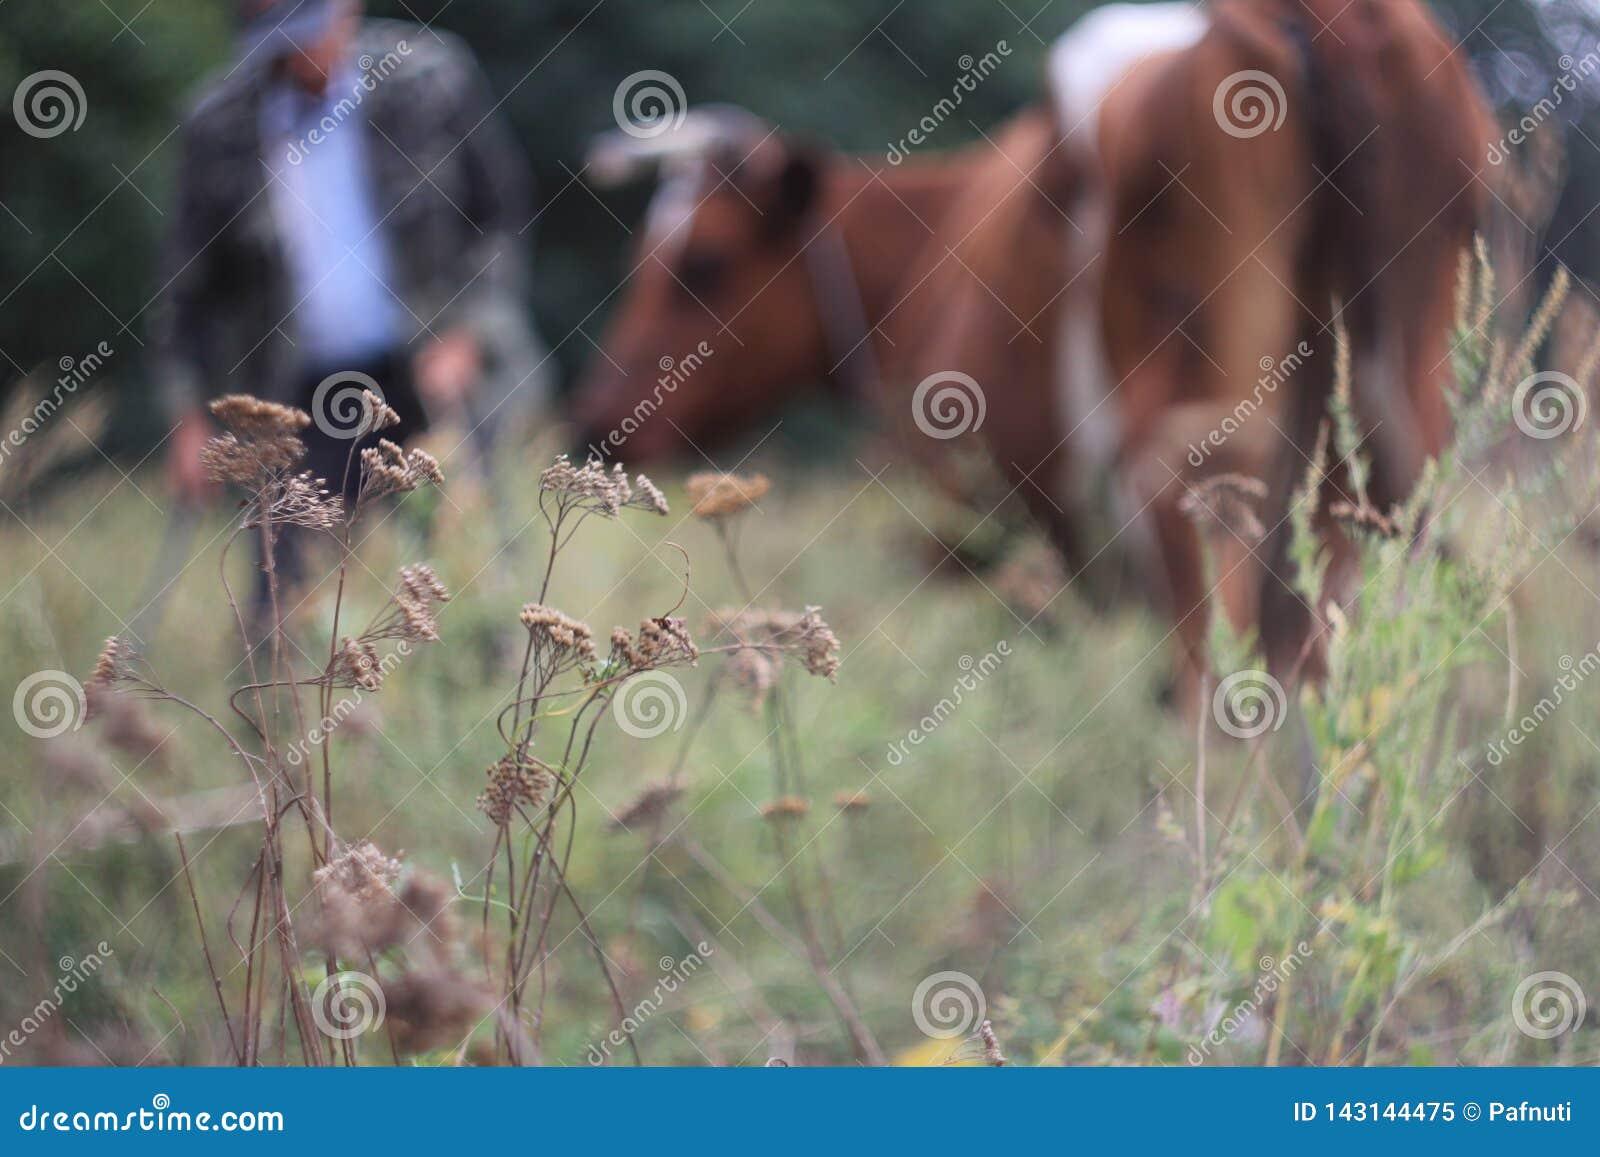 Vista do pasto com um fazendeiro e uma vaca no fundo fora de foco